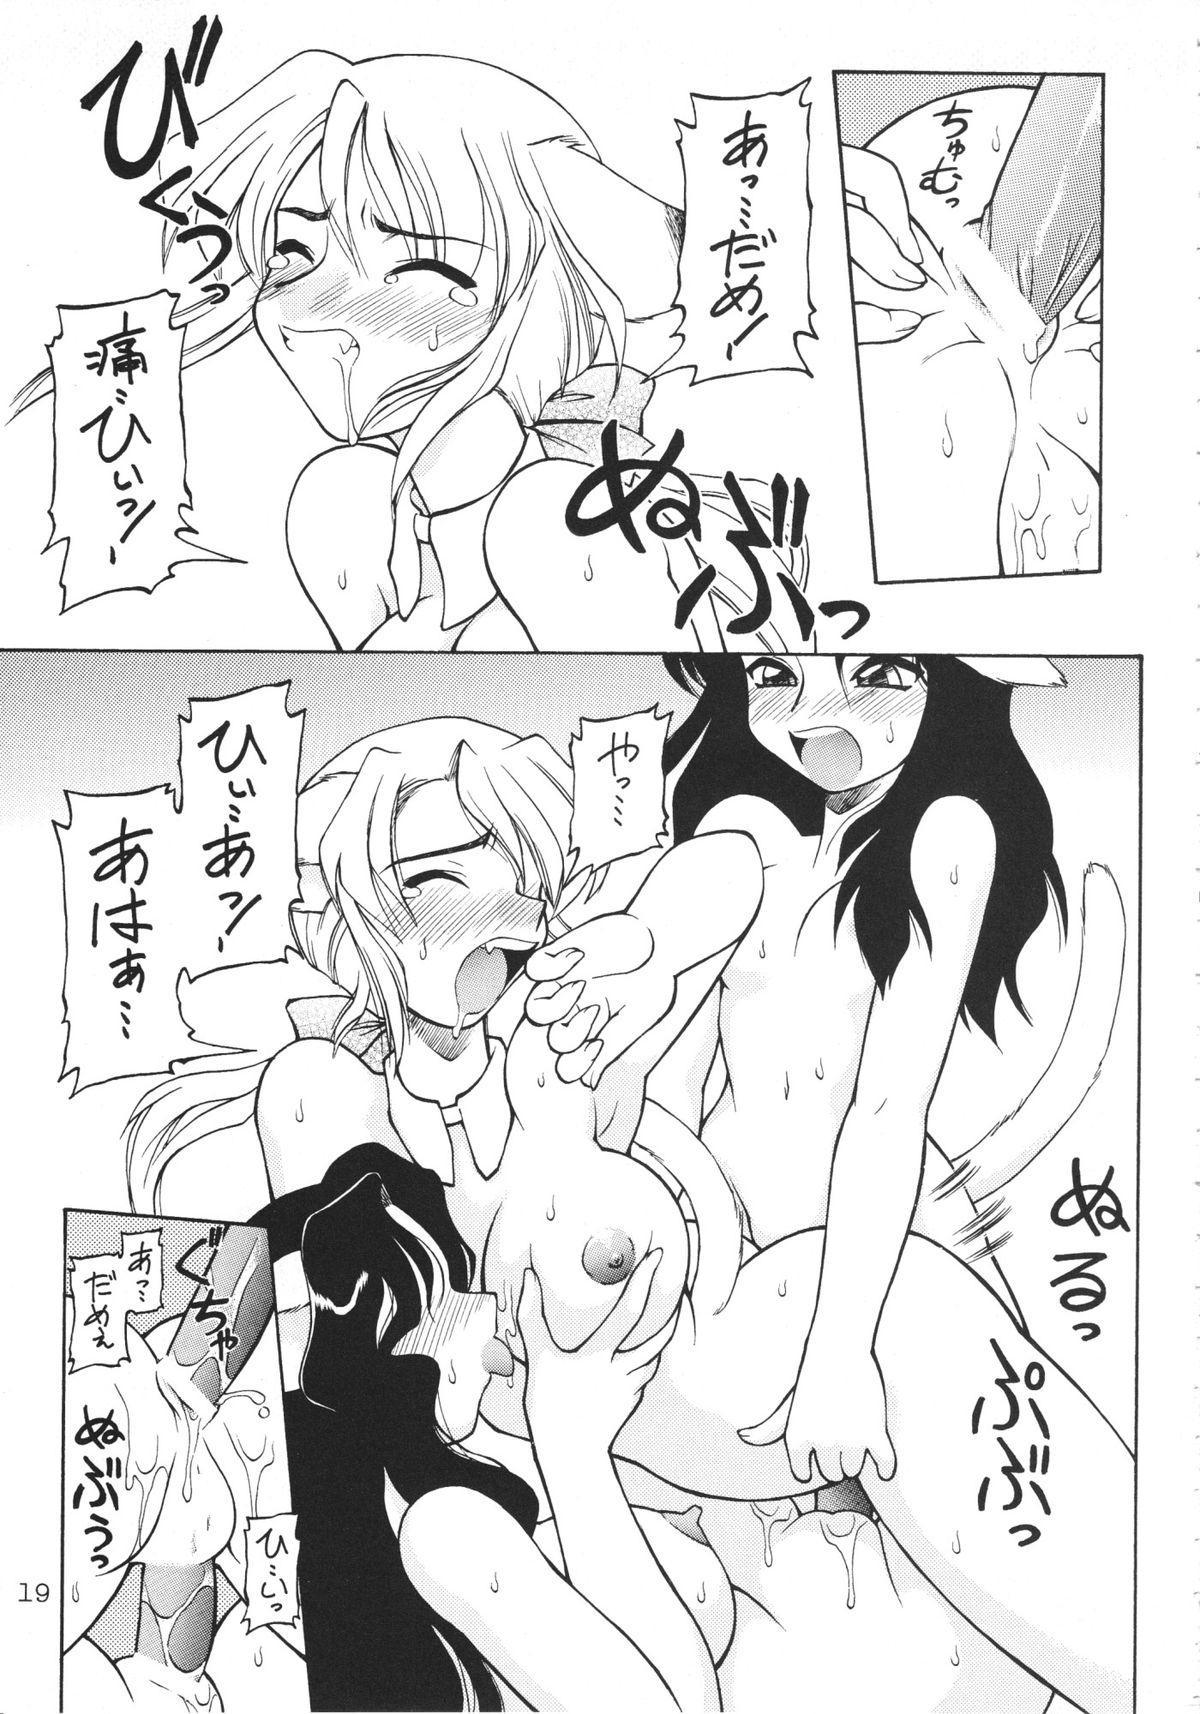 Uwasa no Neko Shuukai 17